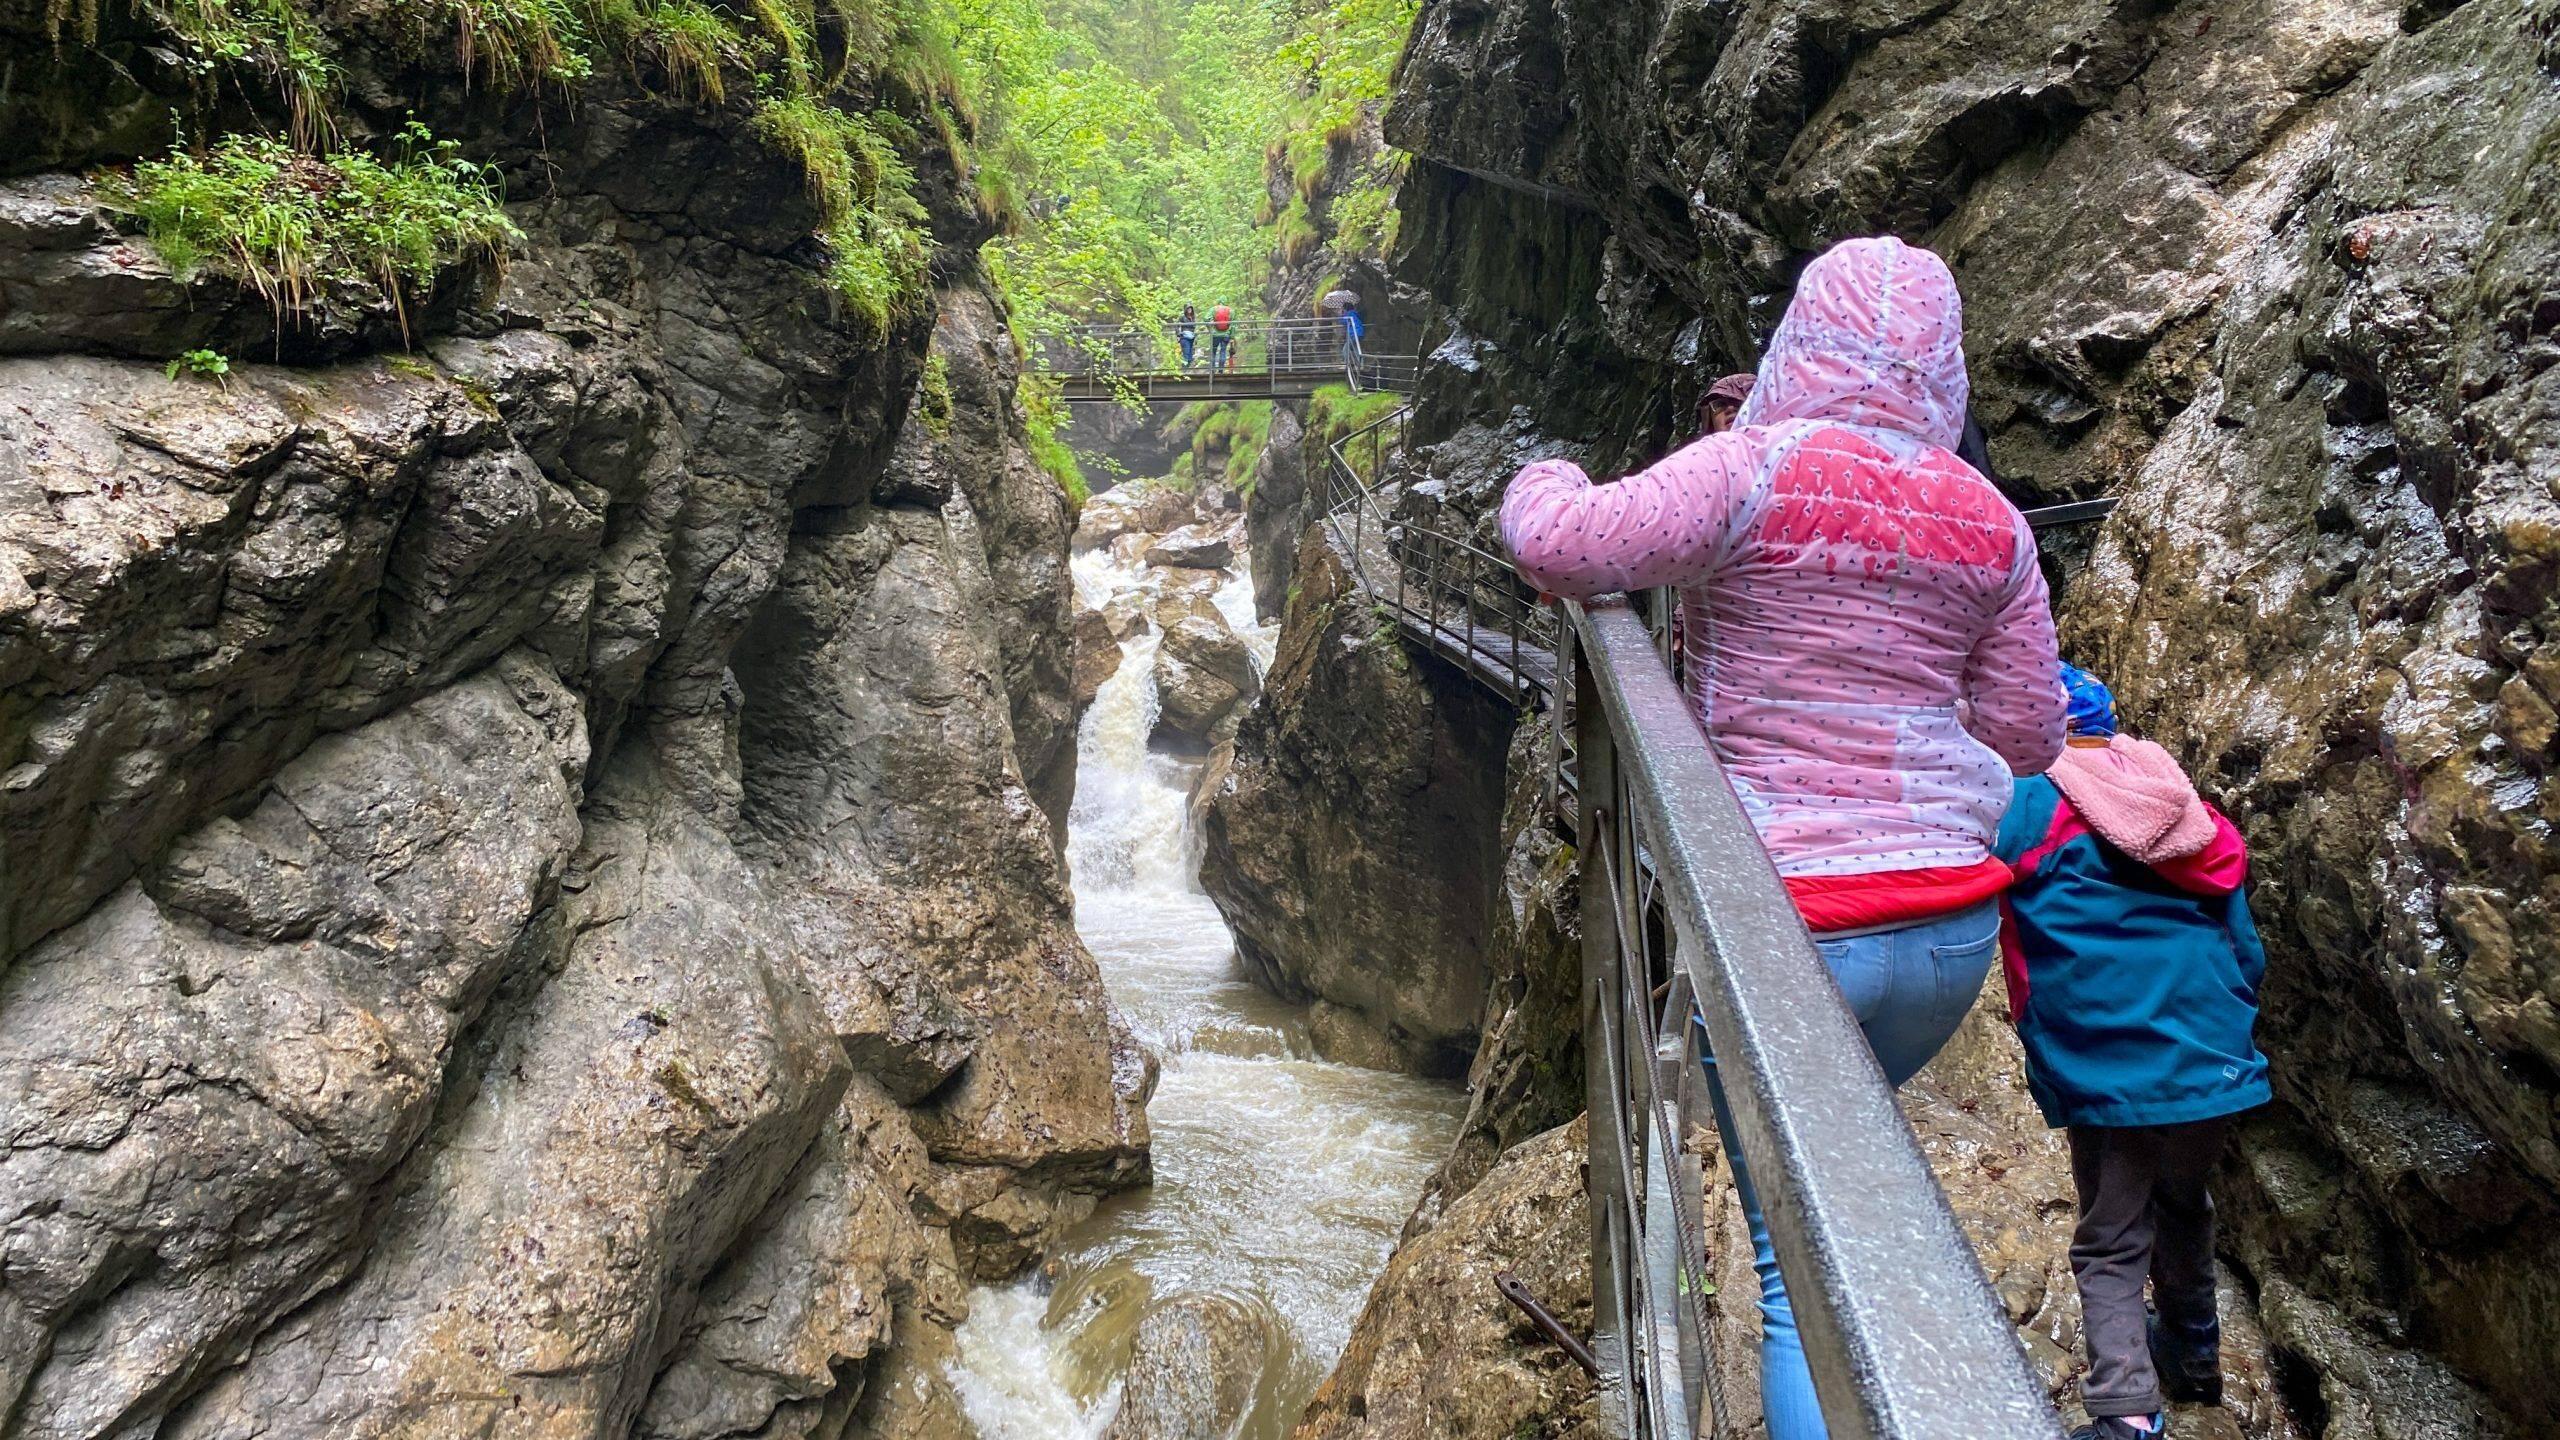 Read more about the article Starzlachklamm im Allgäu – Abenteuer Klamm Wanderung für die ganze Familie